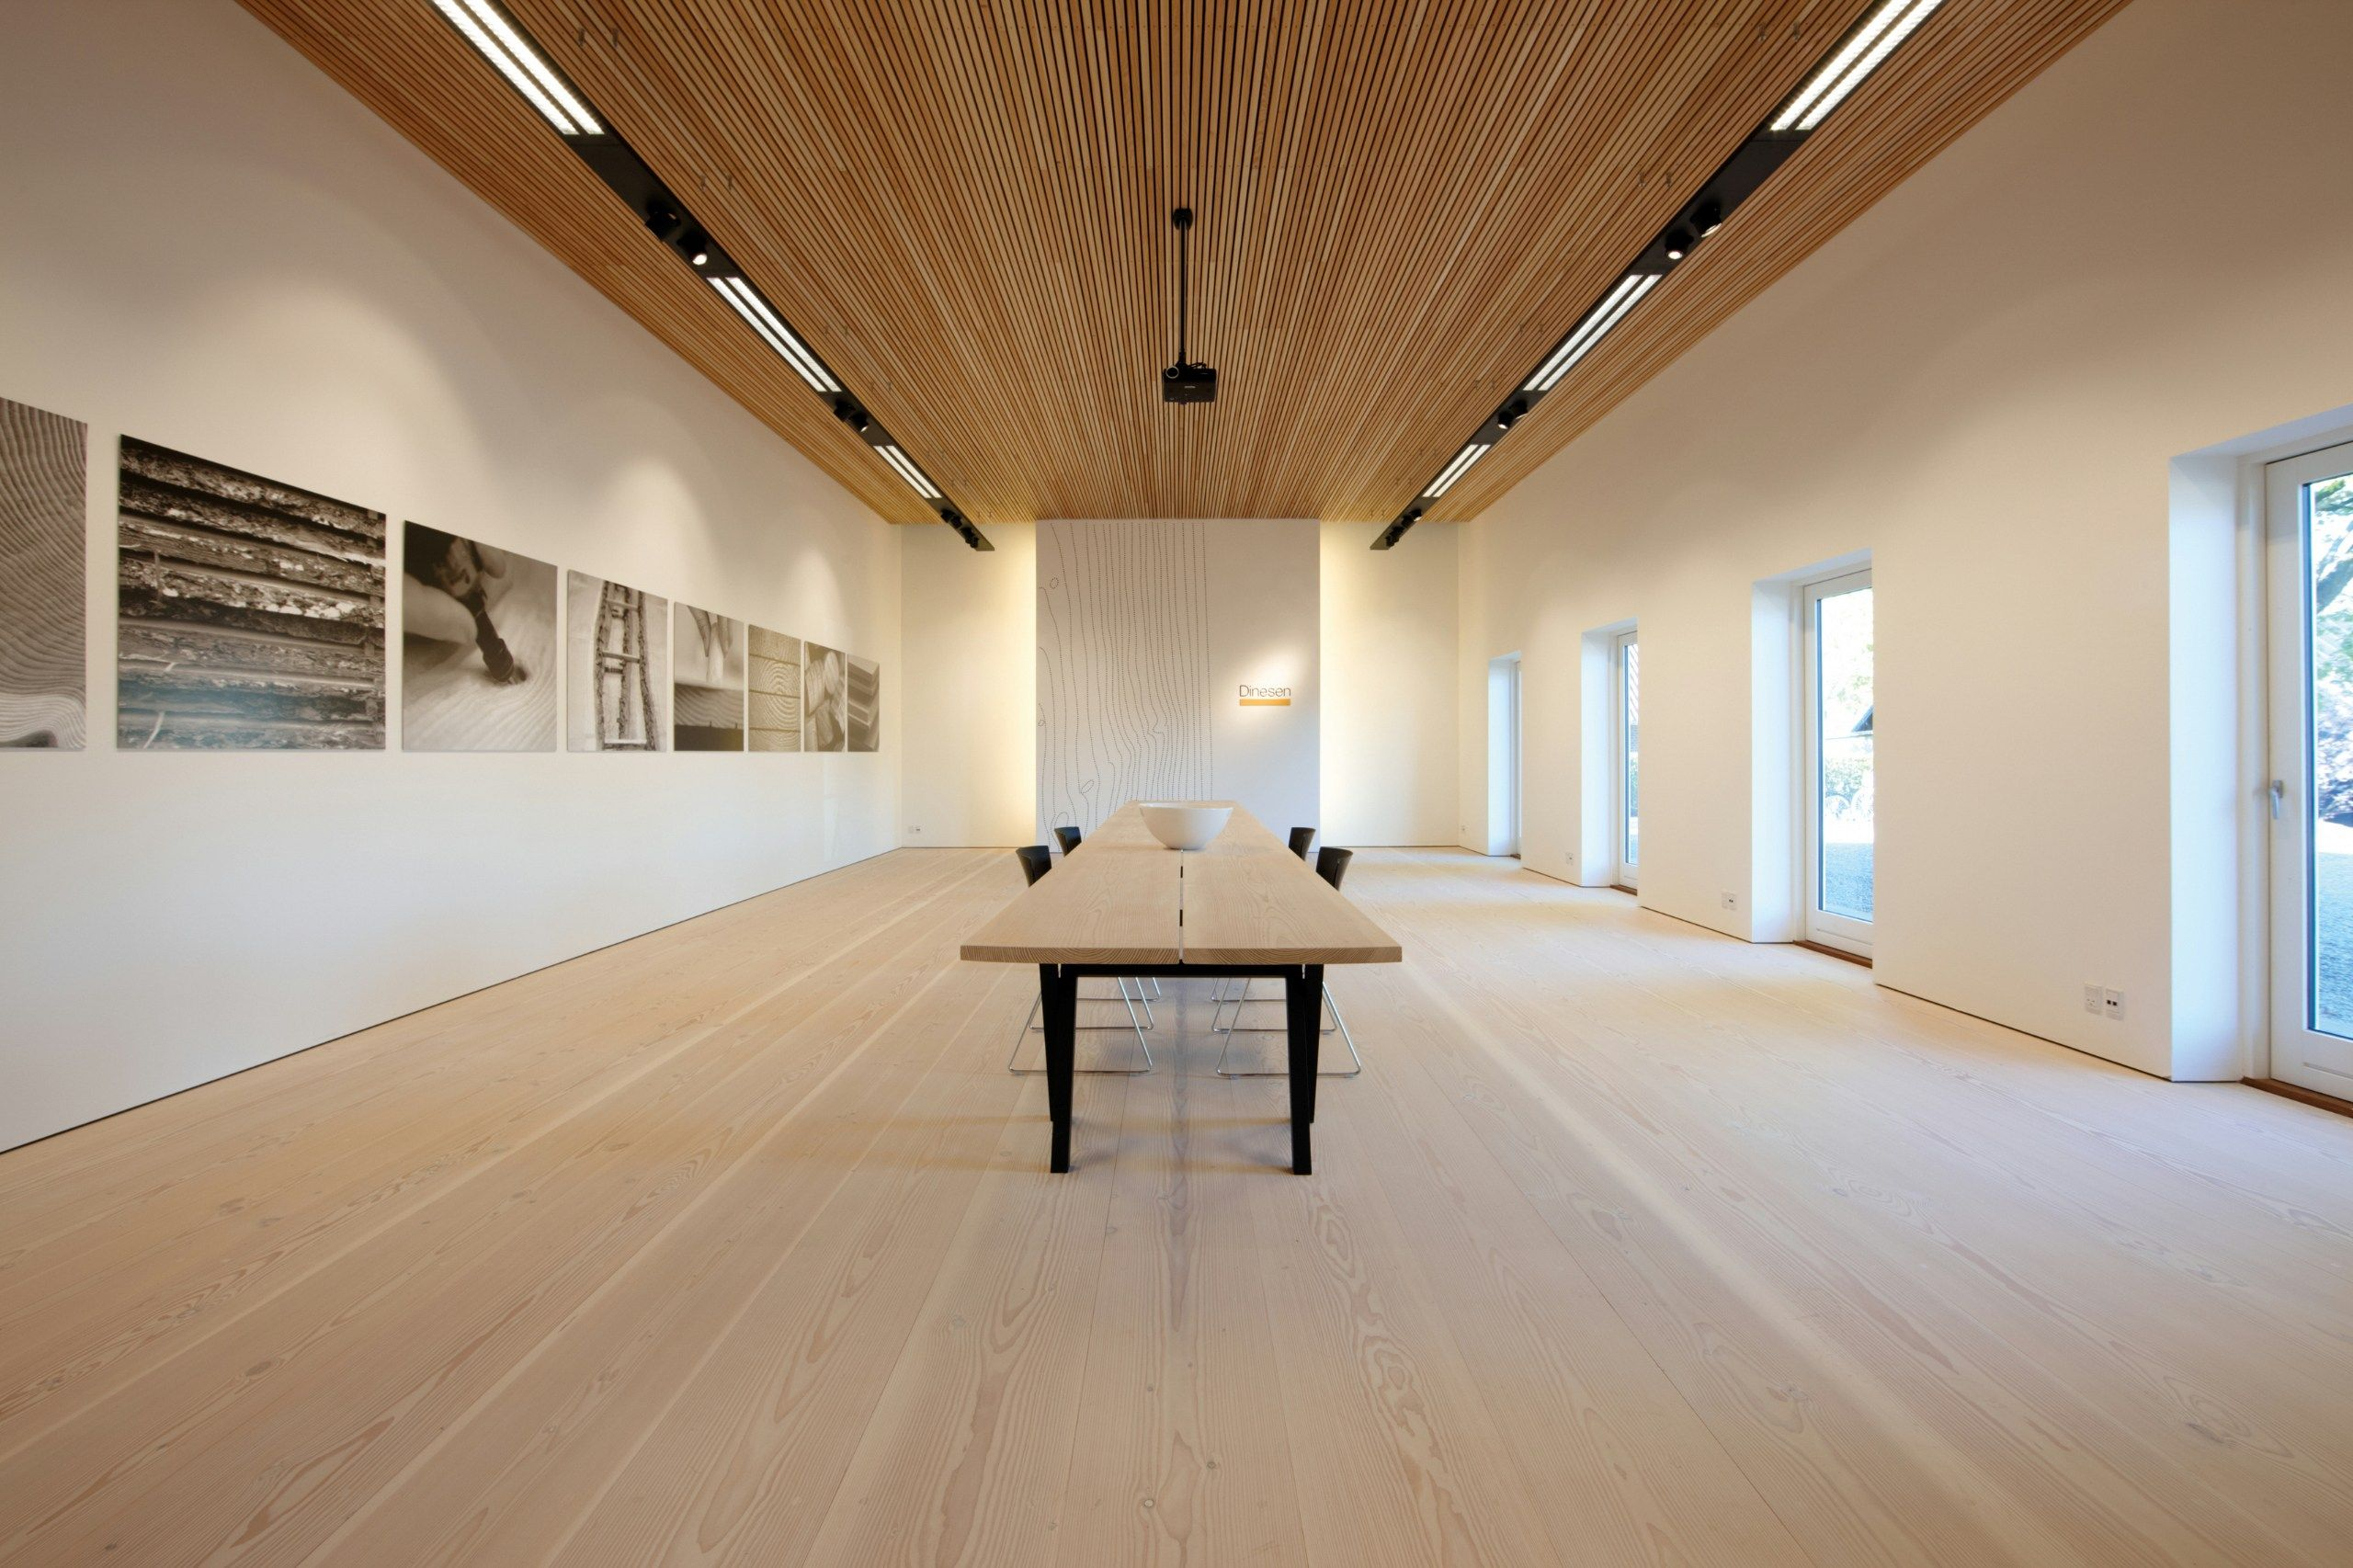 Abgehängte Decke Mit Holz Effekt DINESEN CEILING By Dinesen Abgehängte  Decke, Holz, Decke